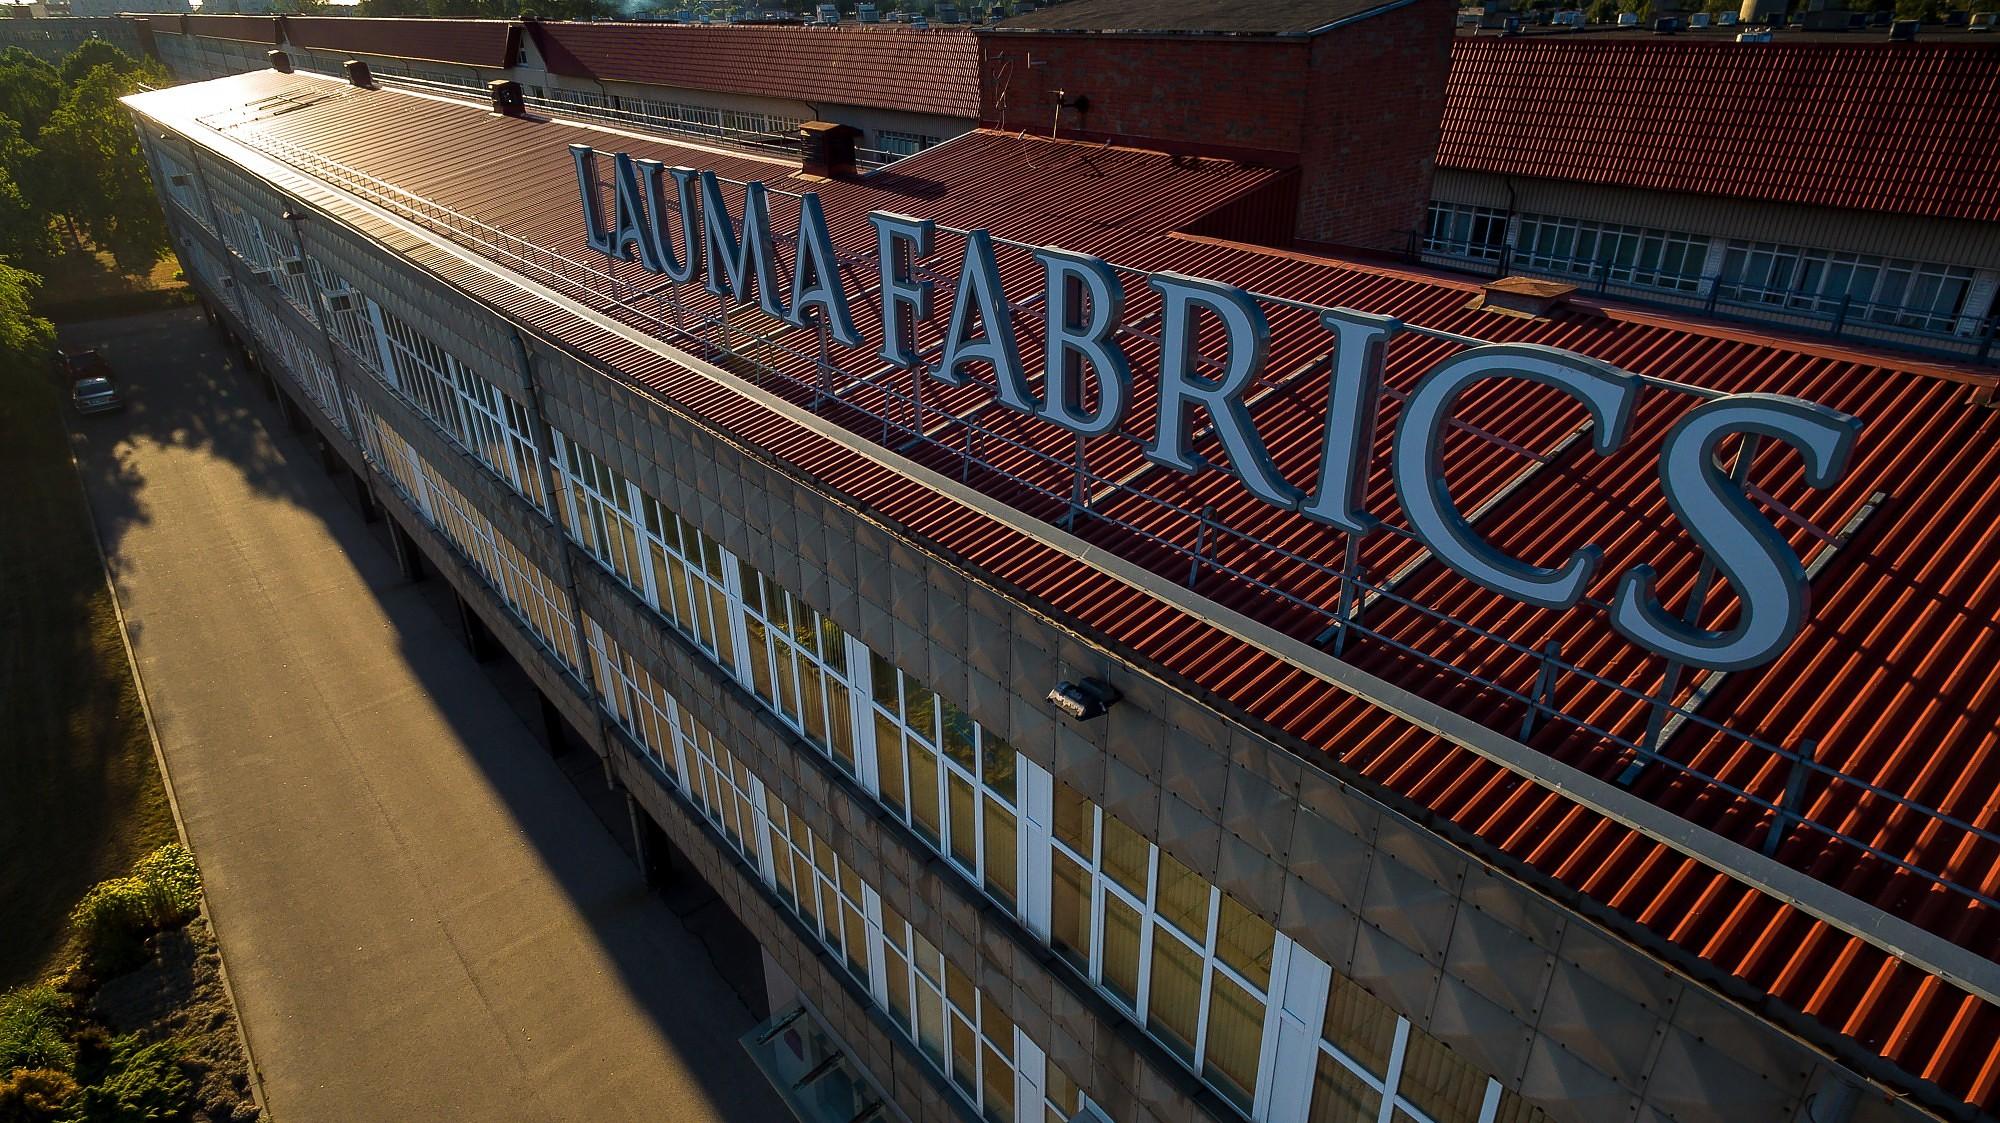 Прибыль «Lauma Fabrics» в прошлом году составила 3,46 млн евро